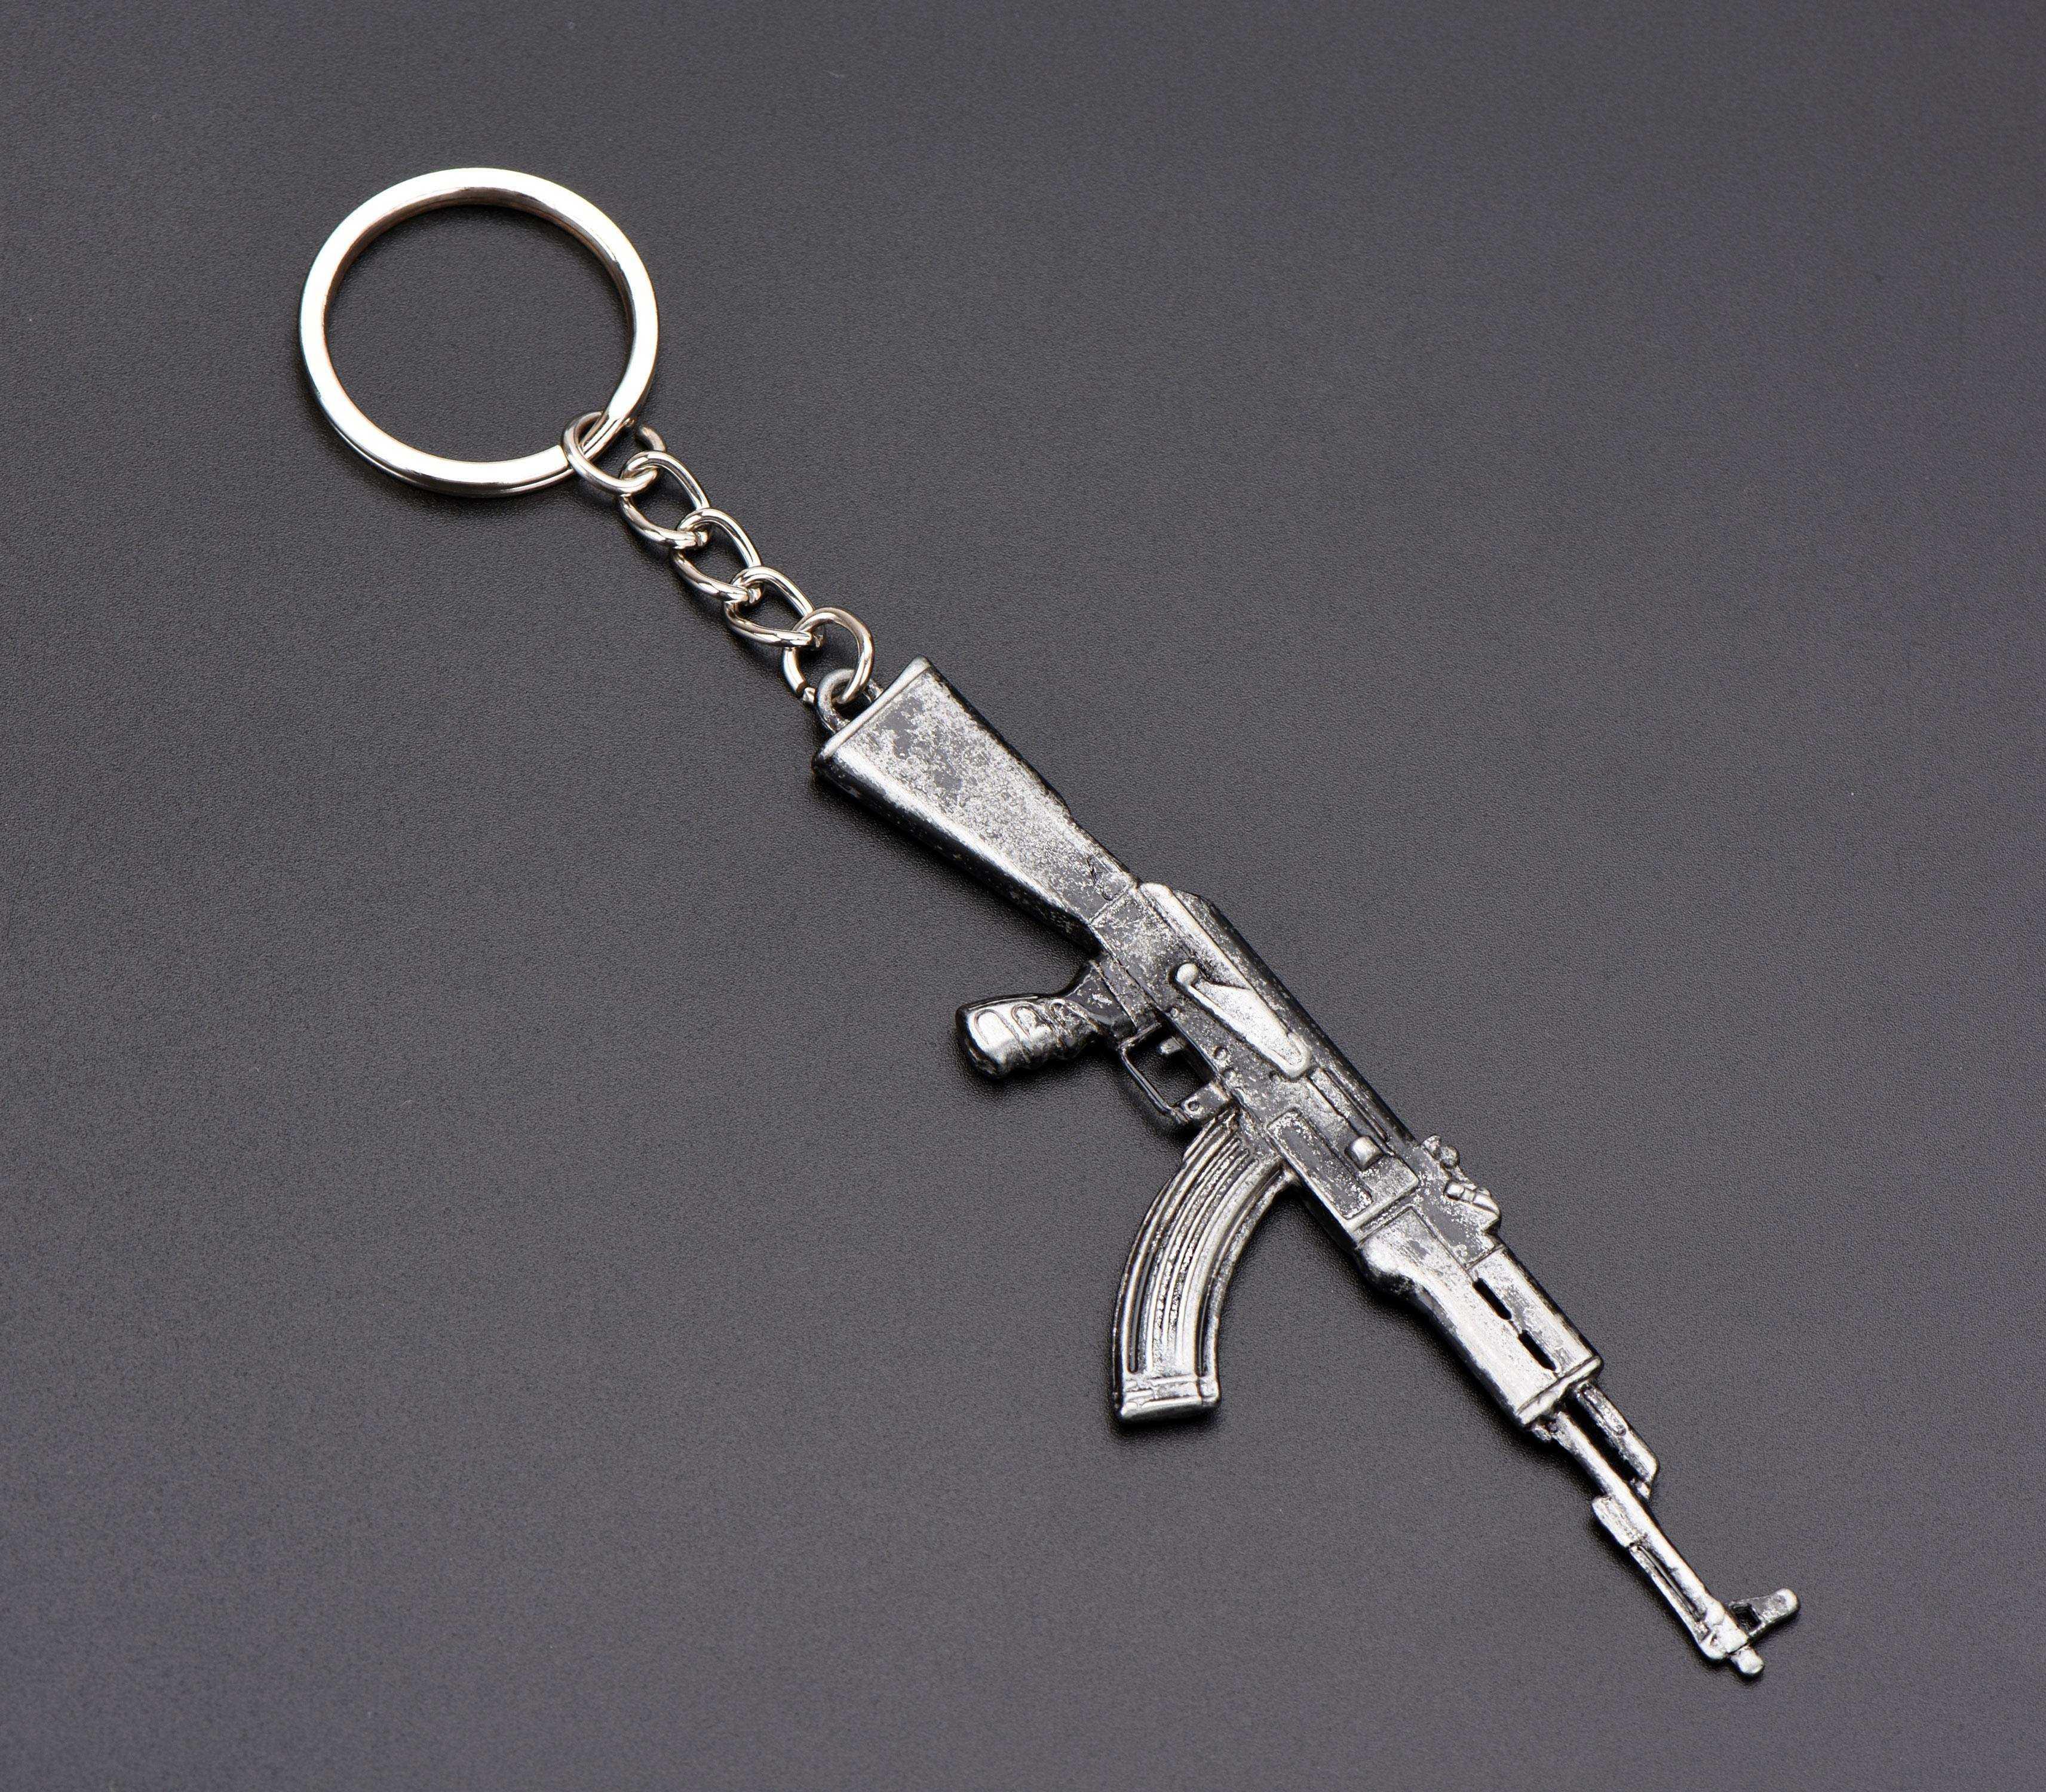 PUBG AK47 Anahtarlık - ANA0054